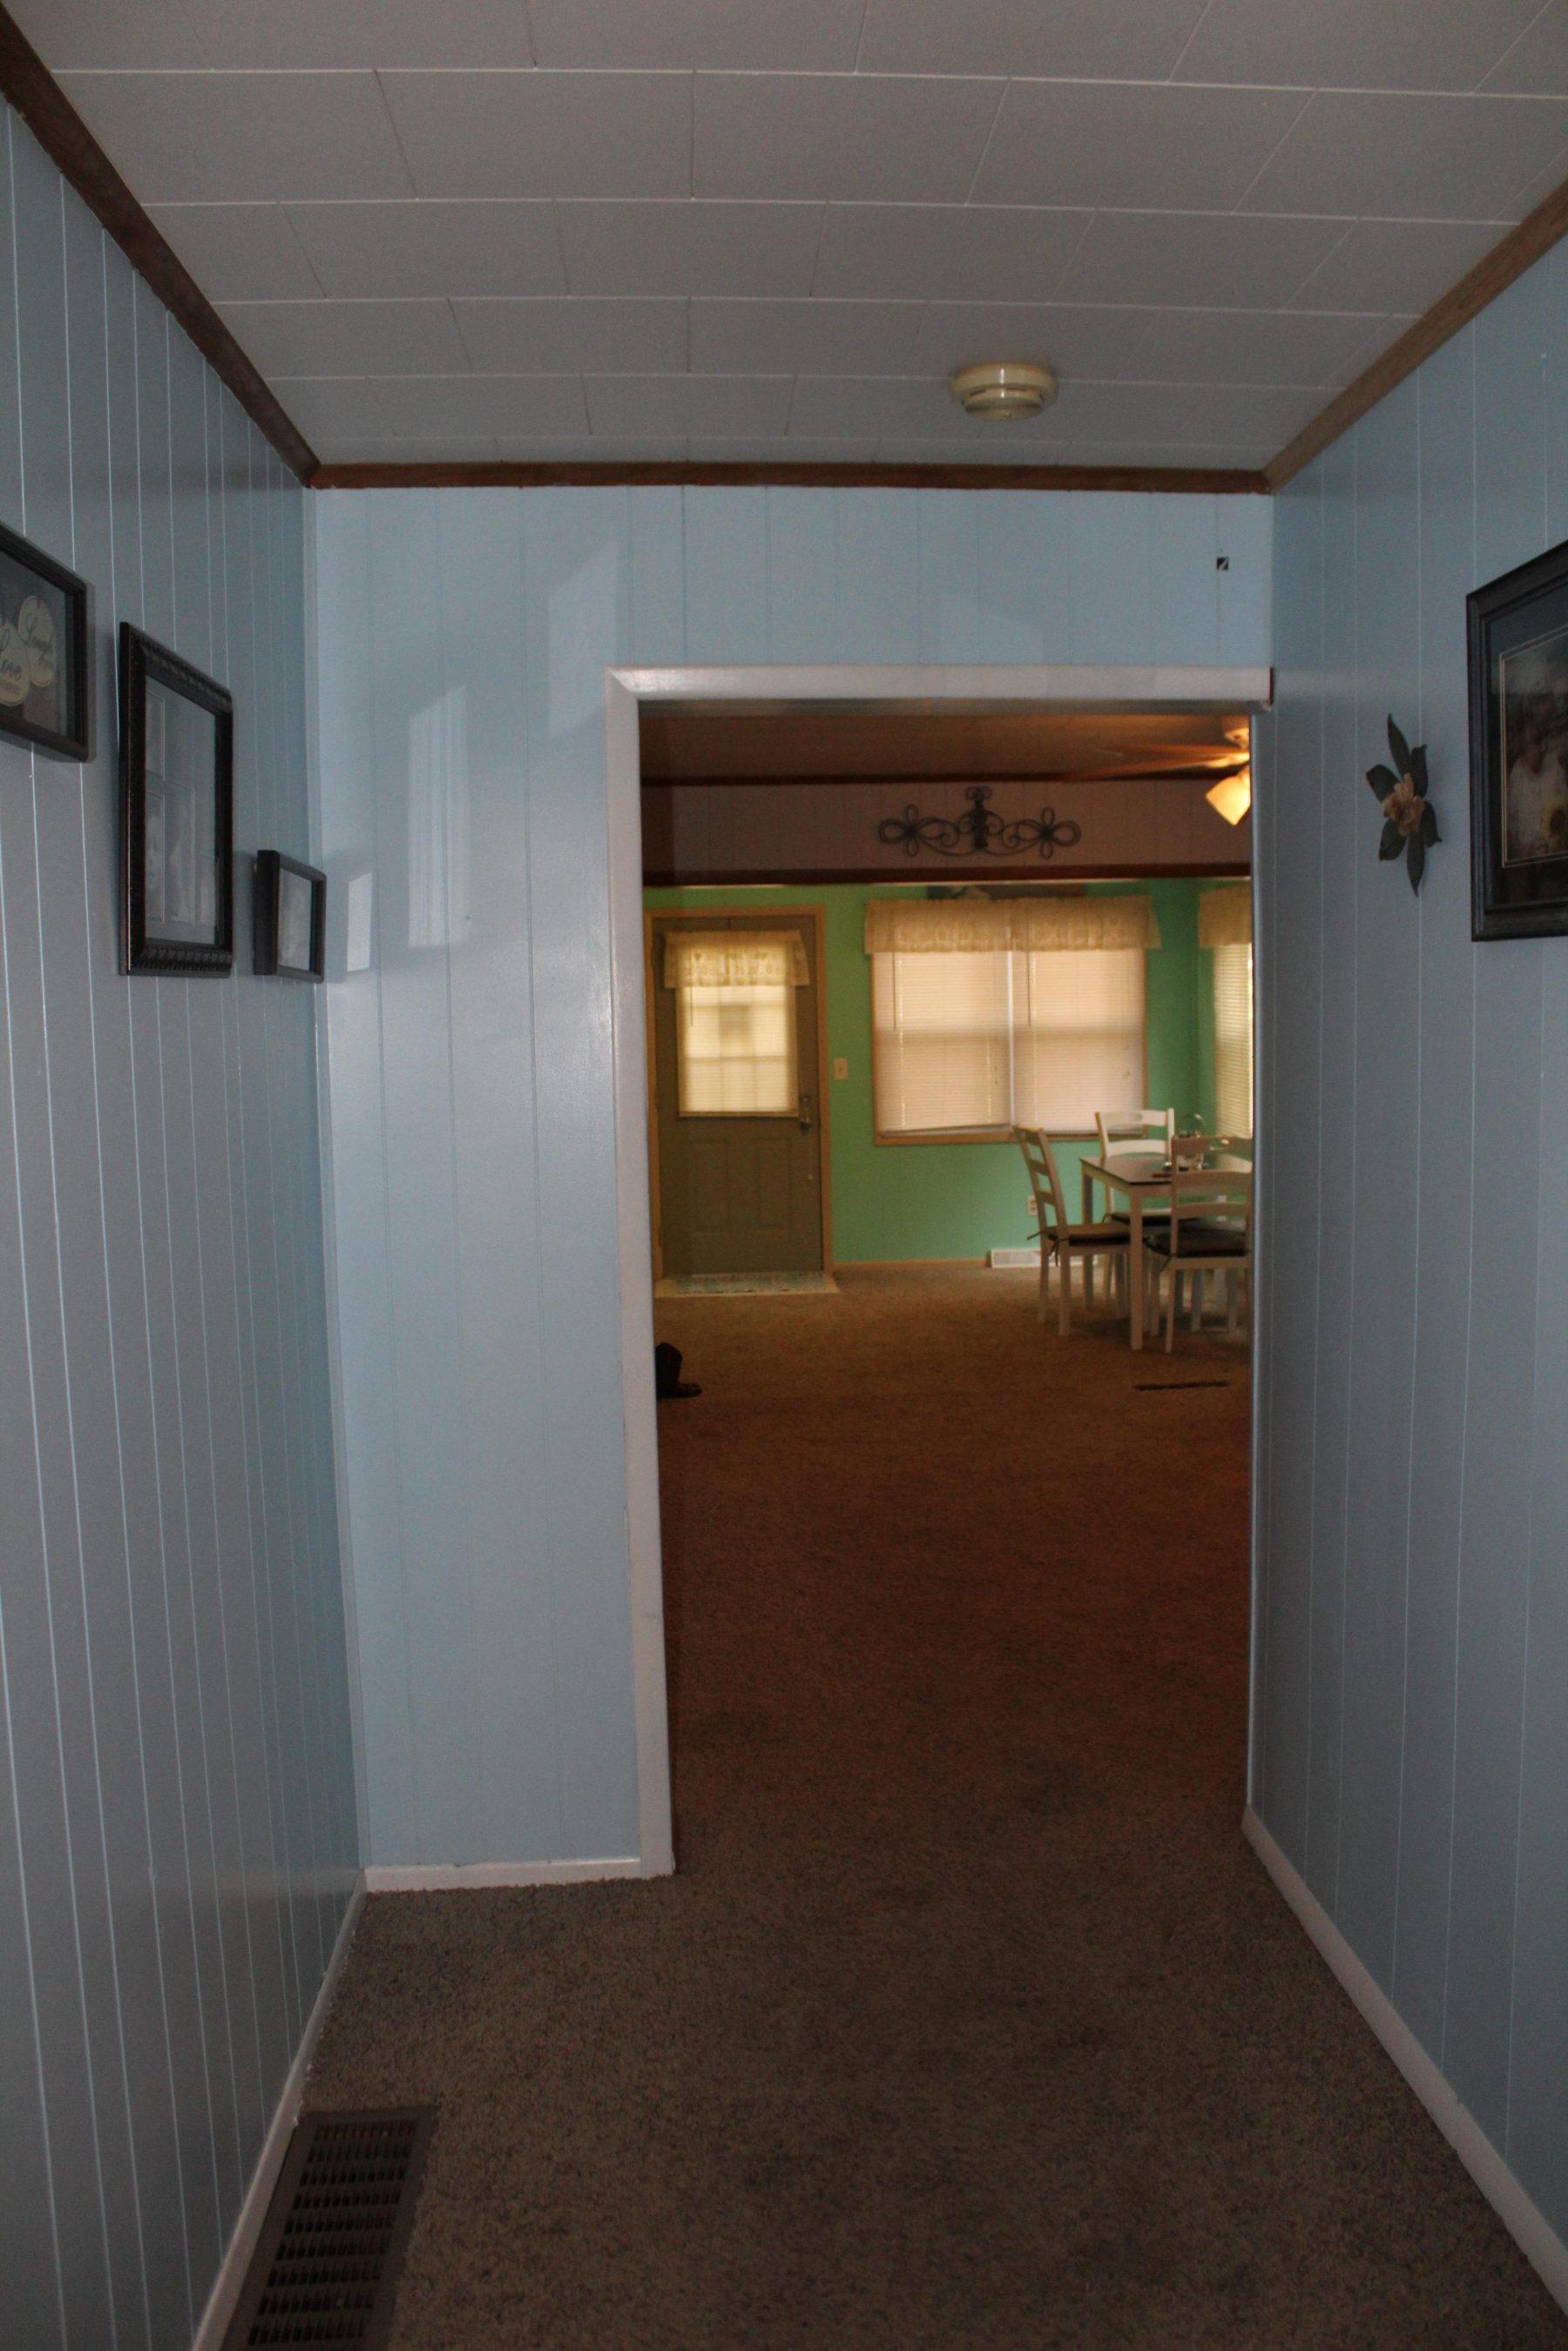 330 W State St 14 Hallway